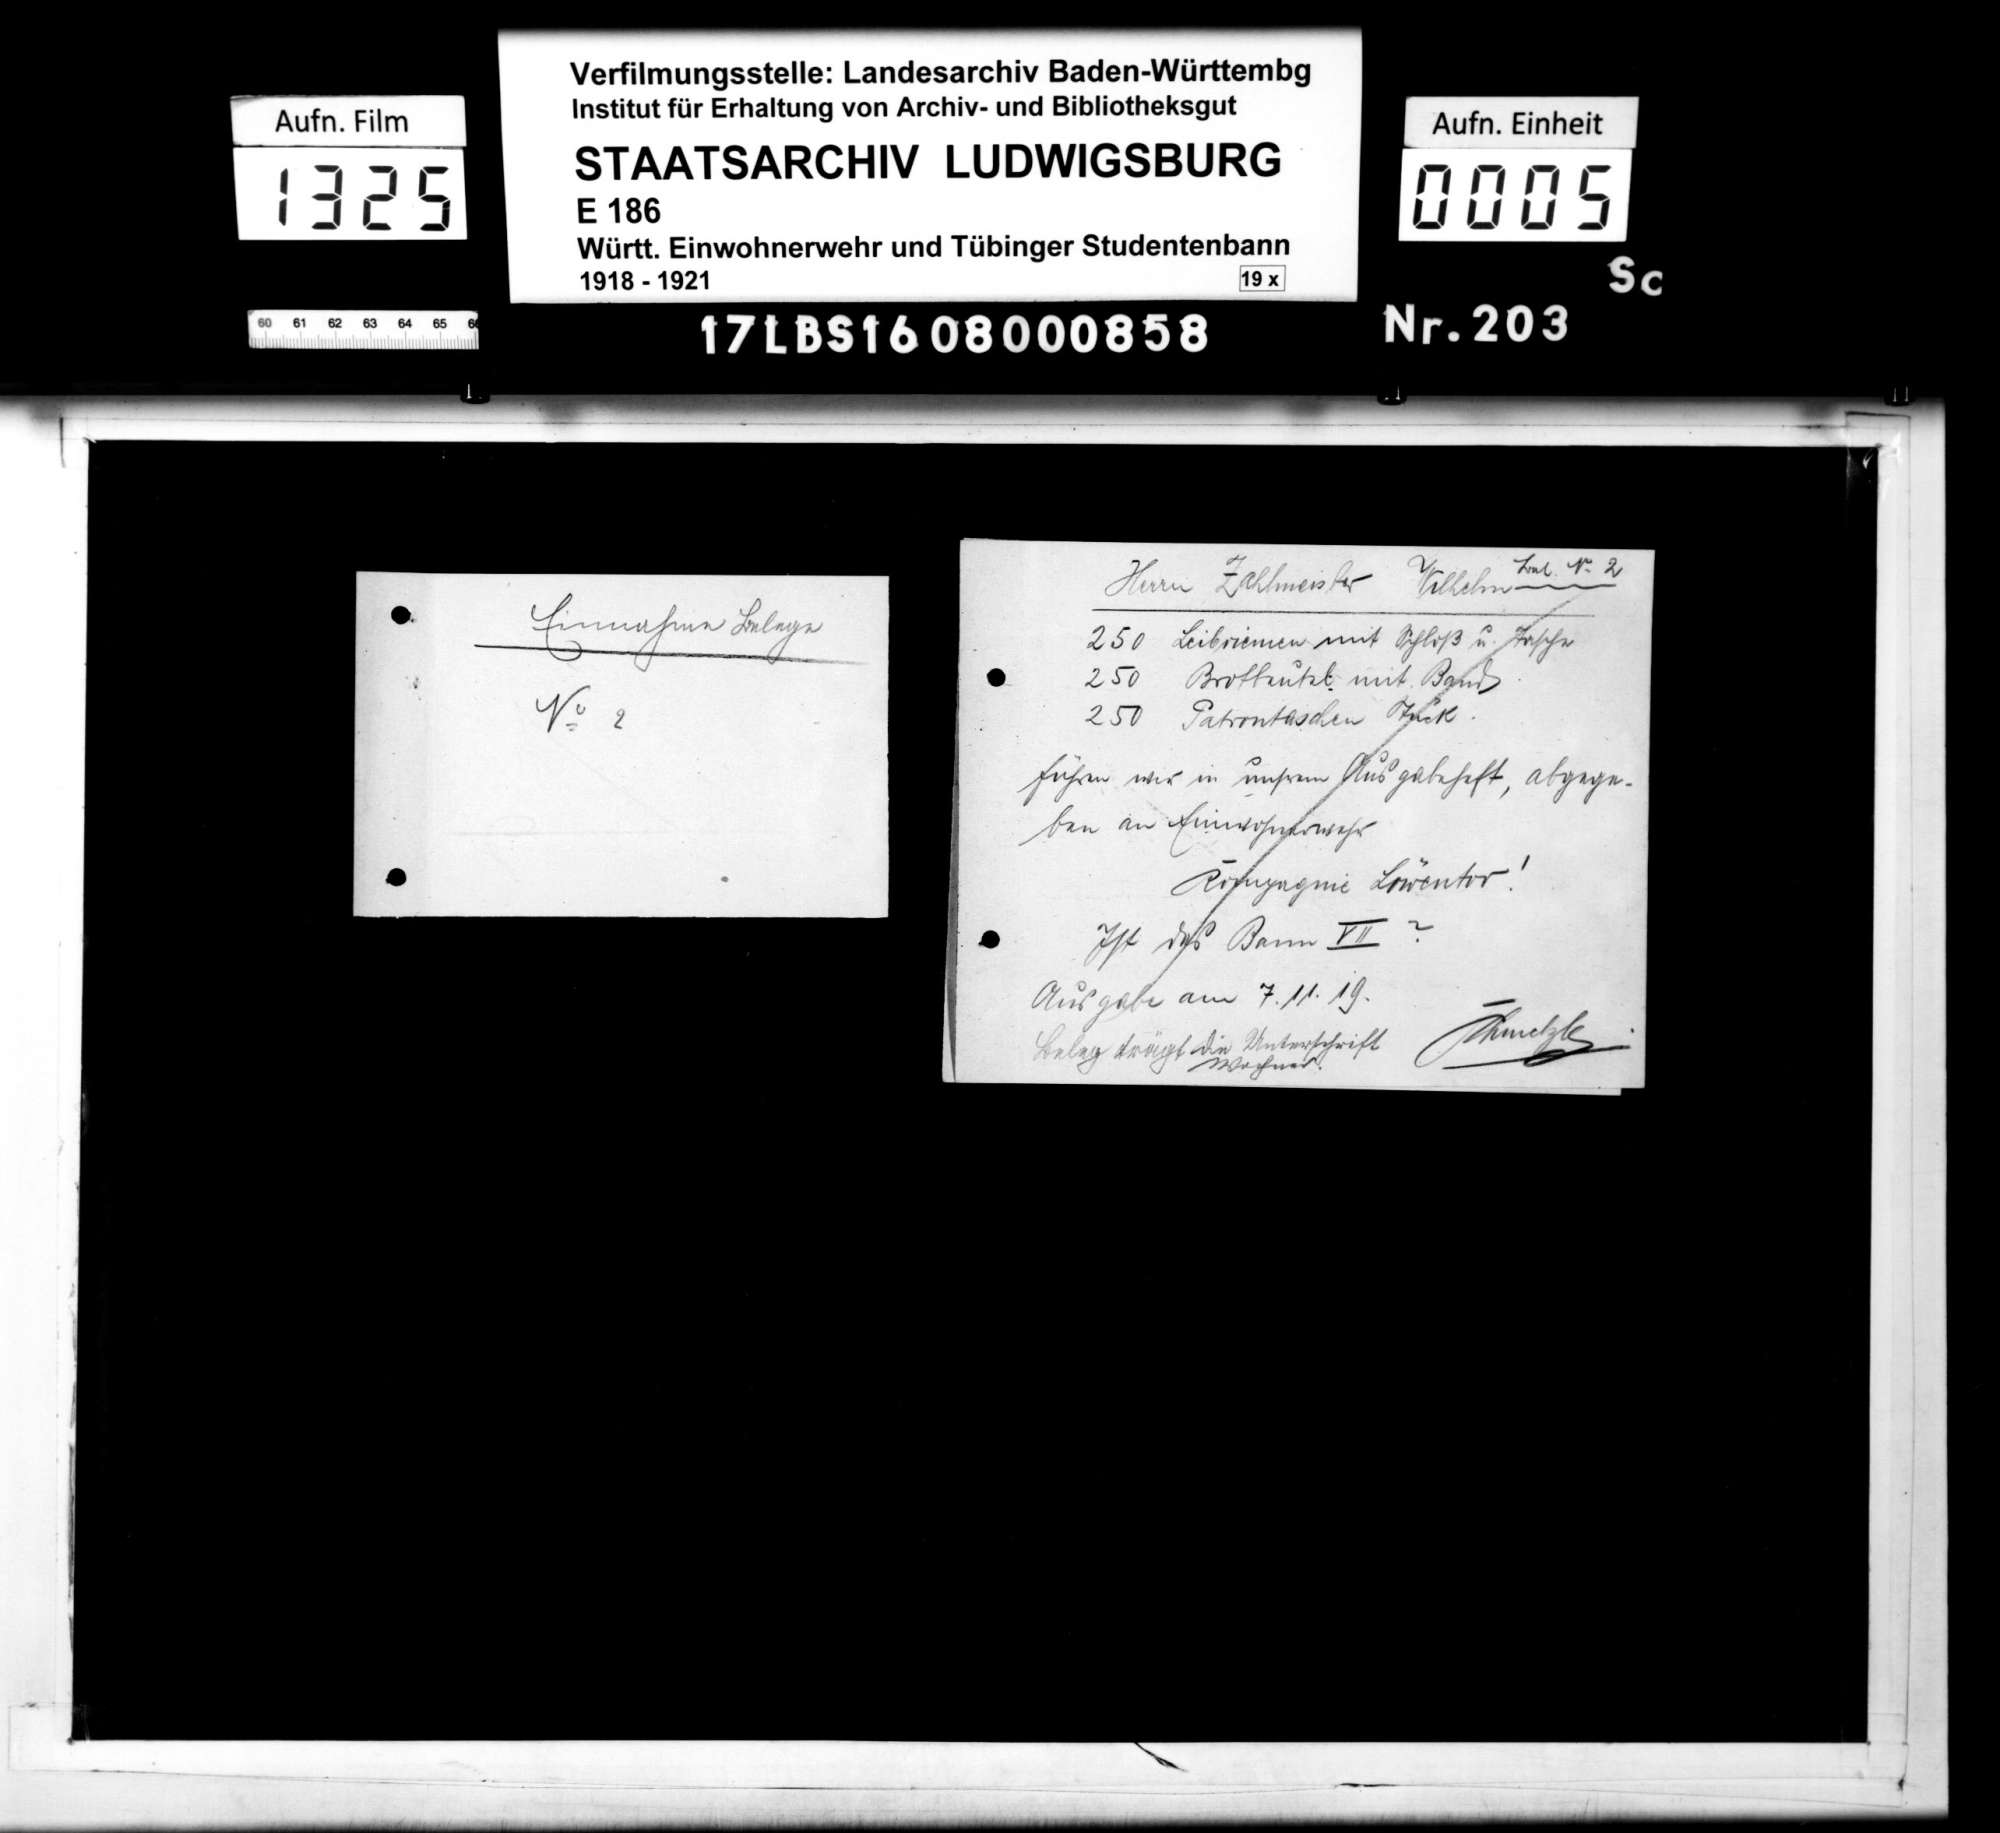 Einnahme- und Ausgabescheine für Material, Bild 3